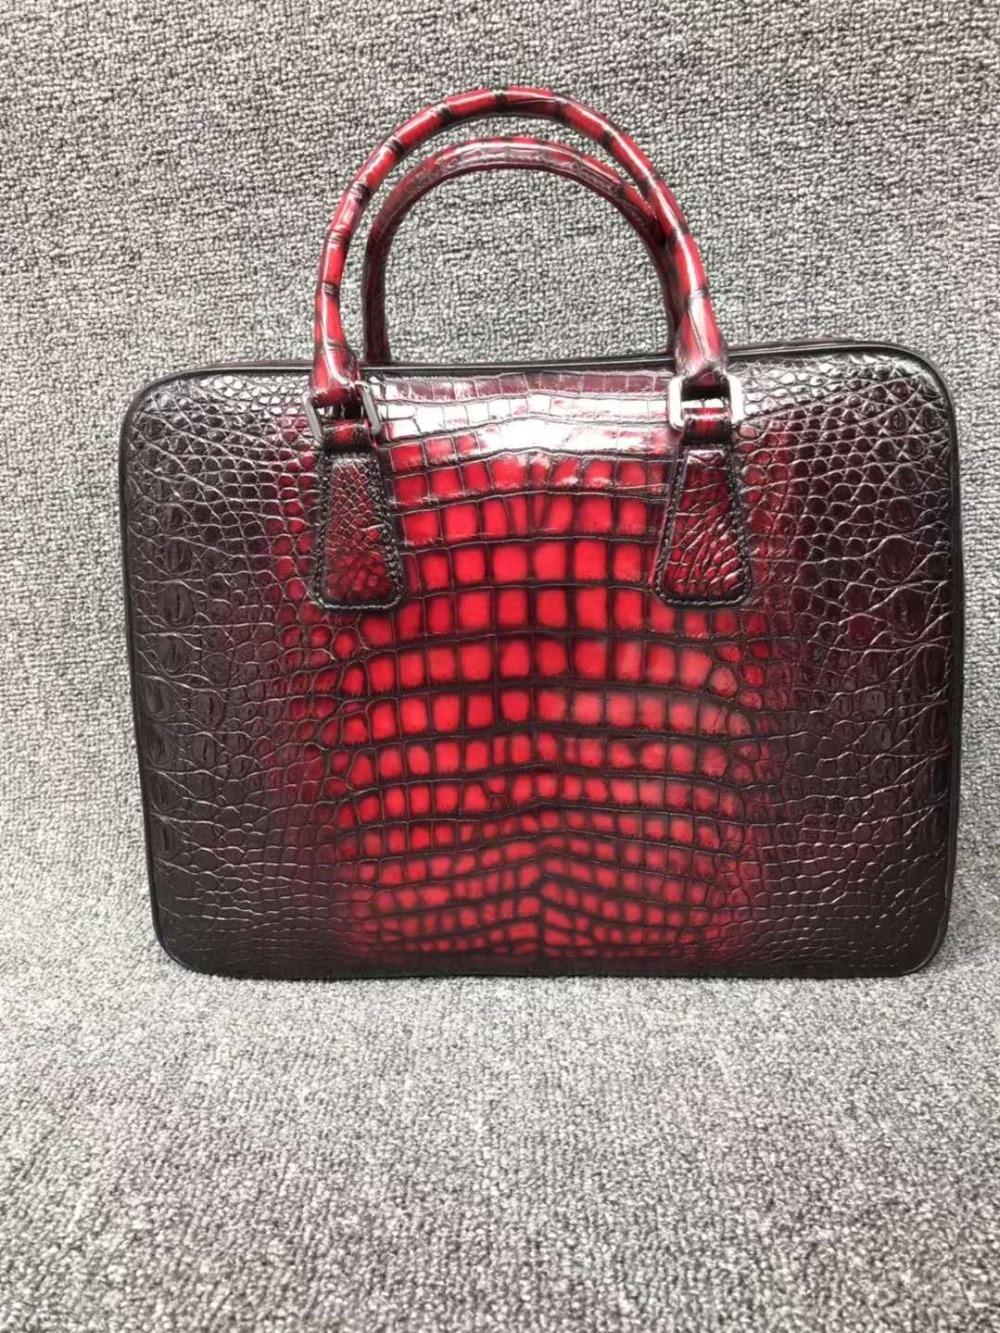 100% Echte Echtem Krokodil Leder Bauch Haut Männer Business Tasche Aktentasche Zipper Mit Code Locker Verschluss 2 Farben Schwarz + Rot